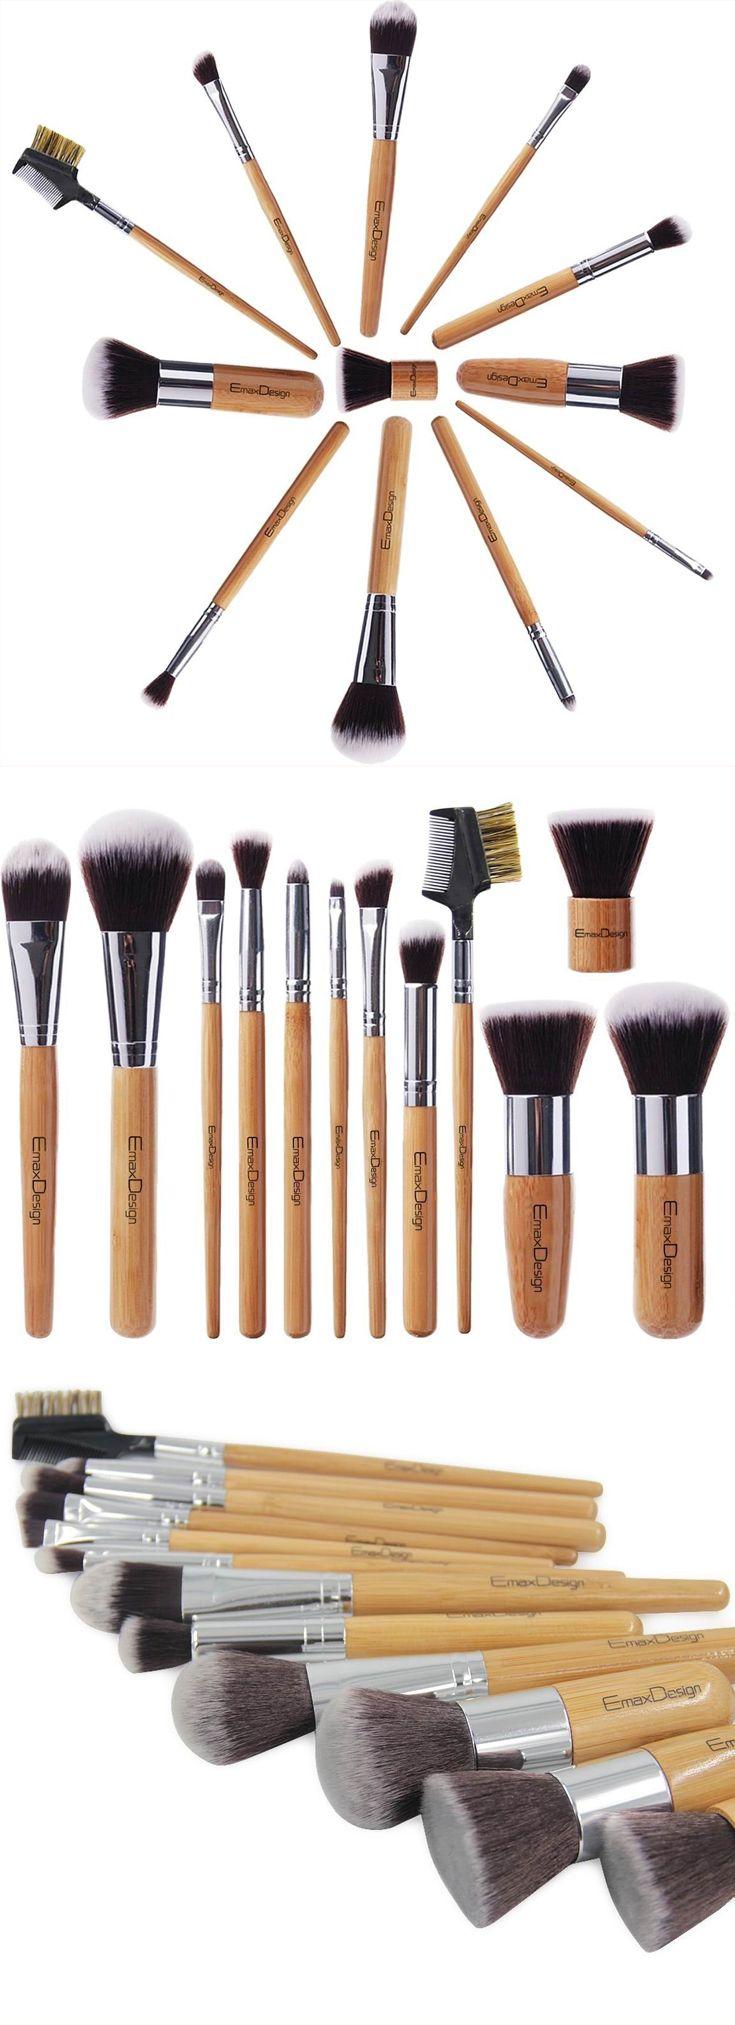 I Like Bamboo! EmaxDesign 12 Pieces Makeup Brush Set